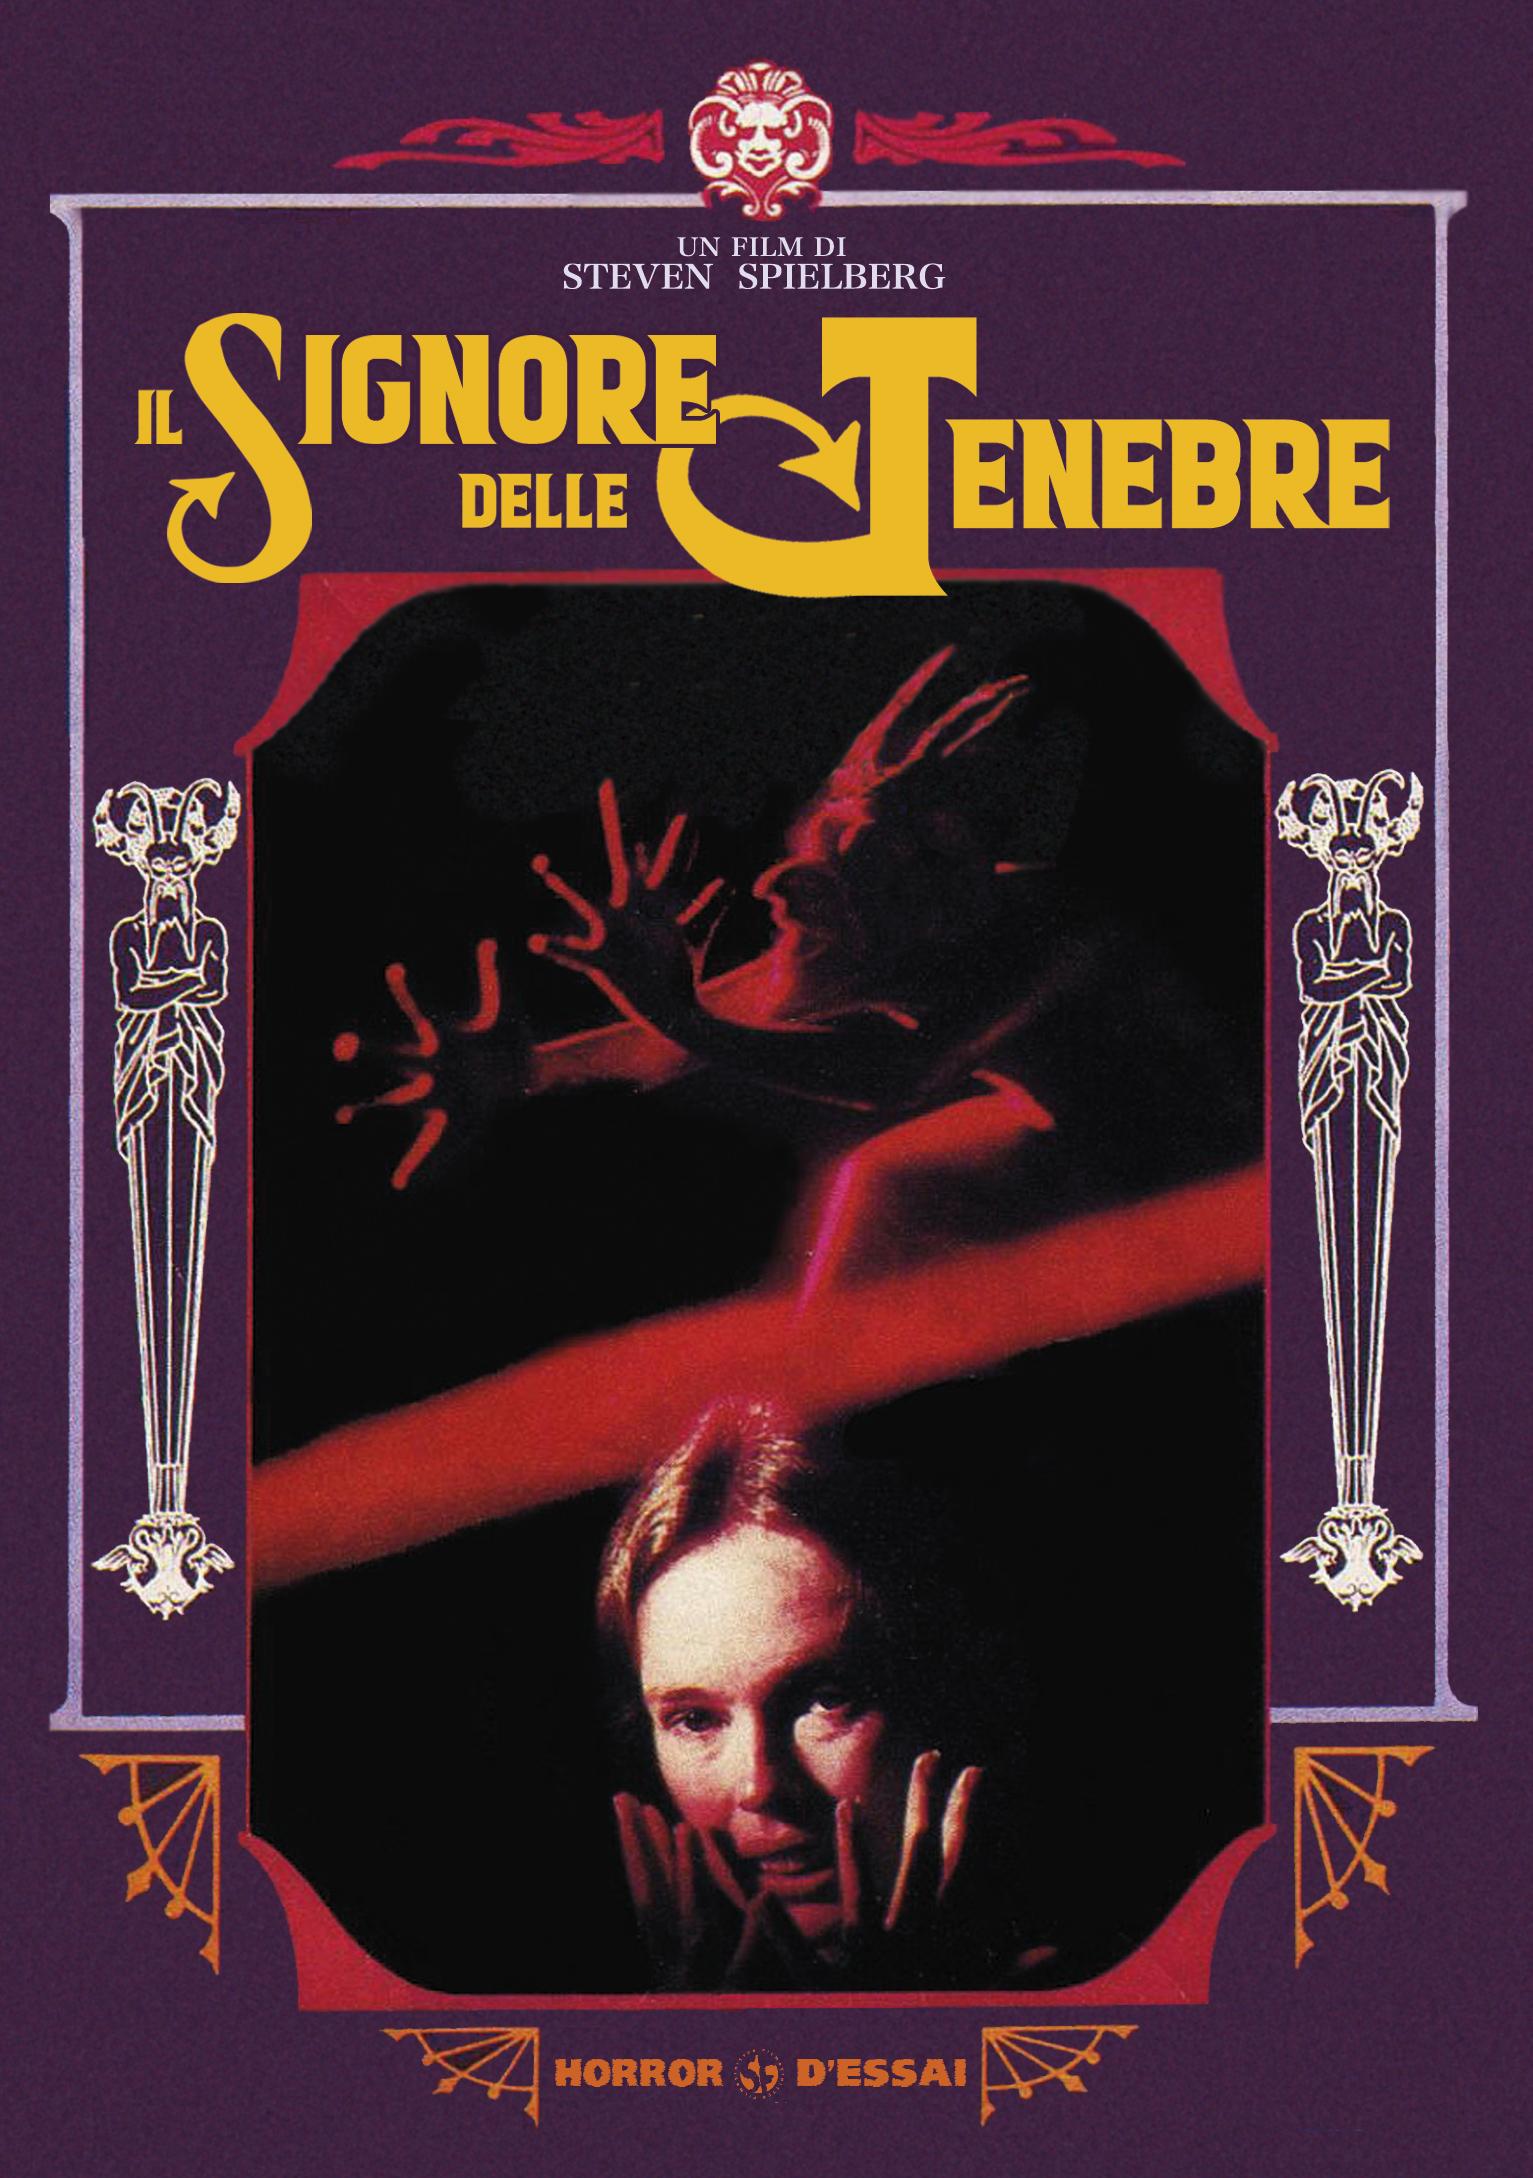 IL SIGNORE DELLE TENEBRE (DVD)